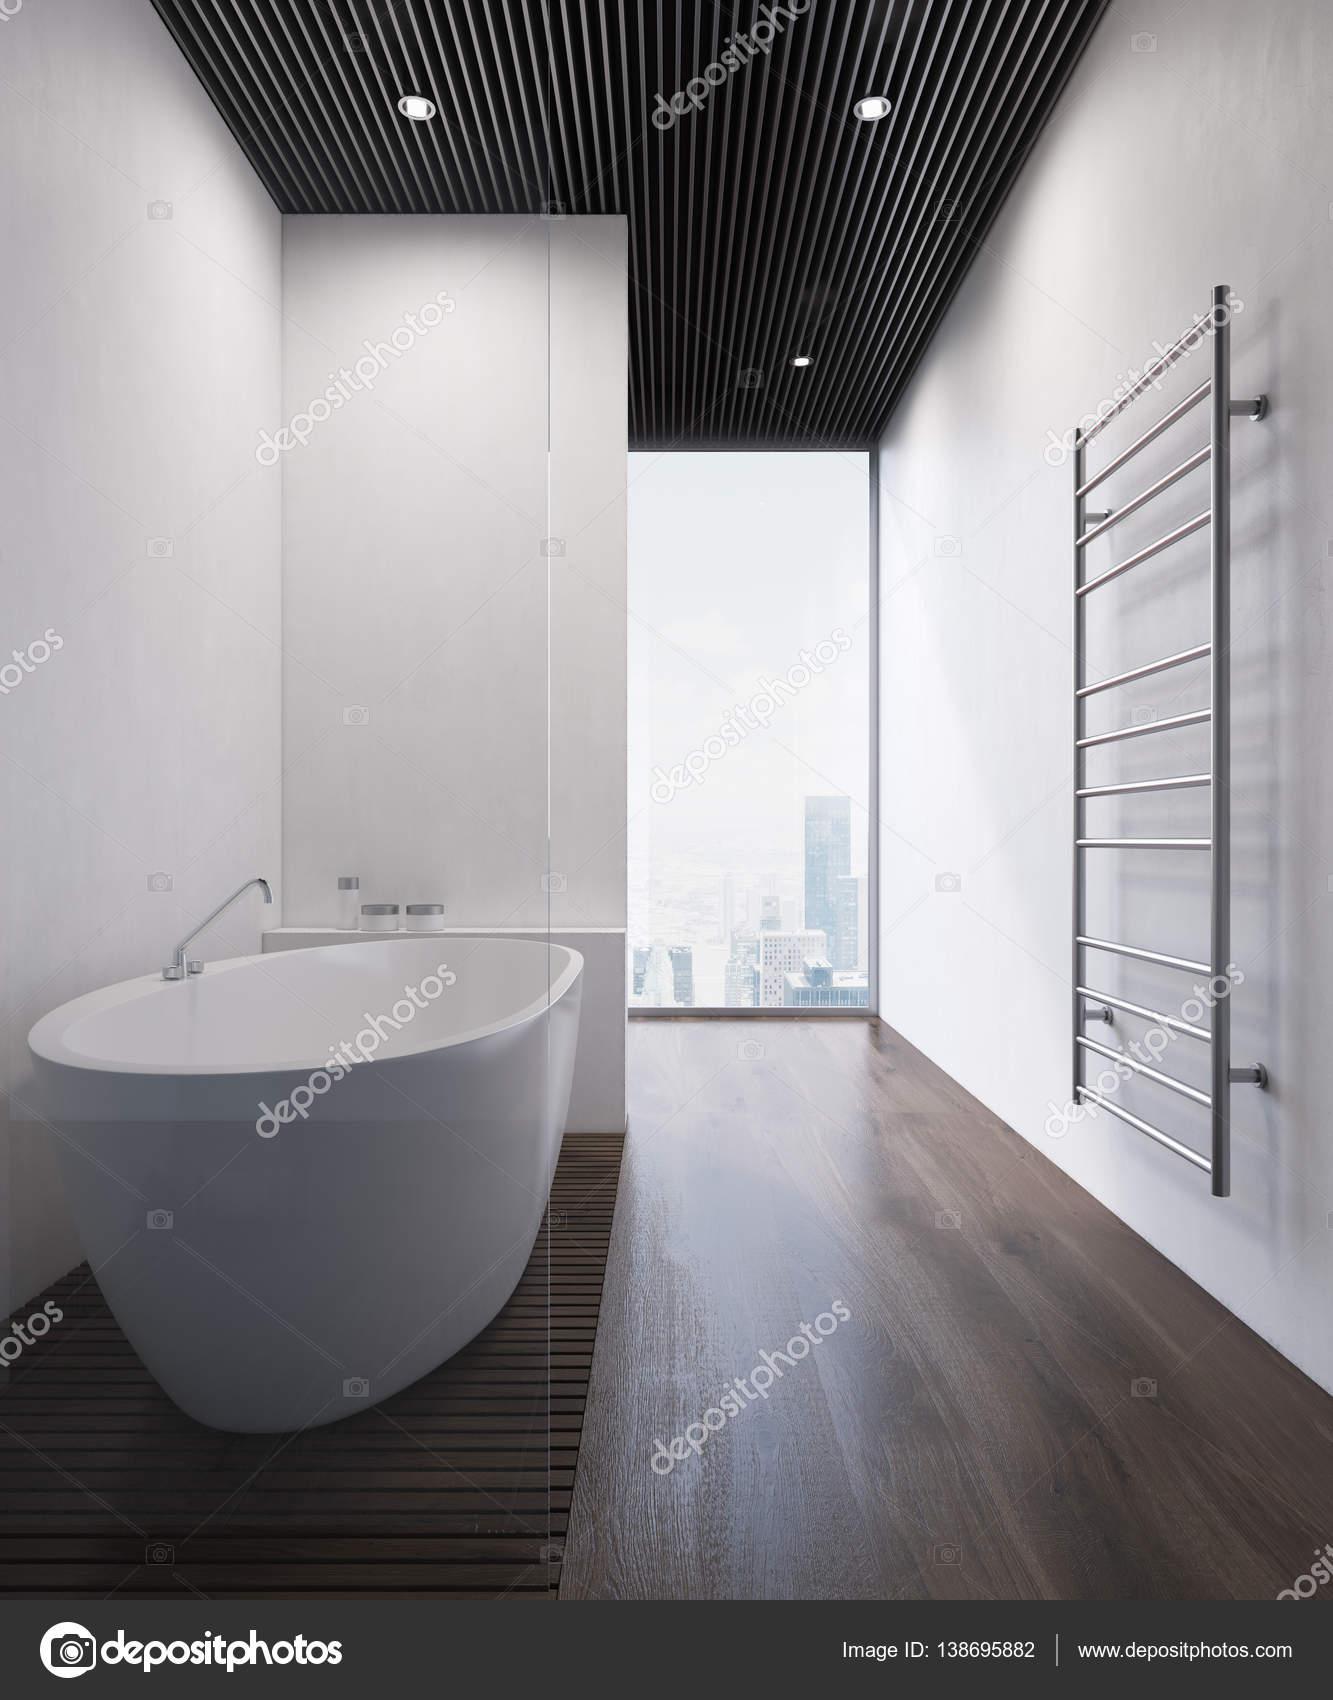 Badkamer met witte muren — Stockfoto © denisismagilov #138695882